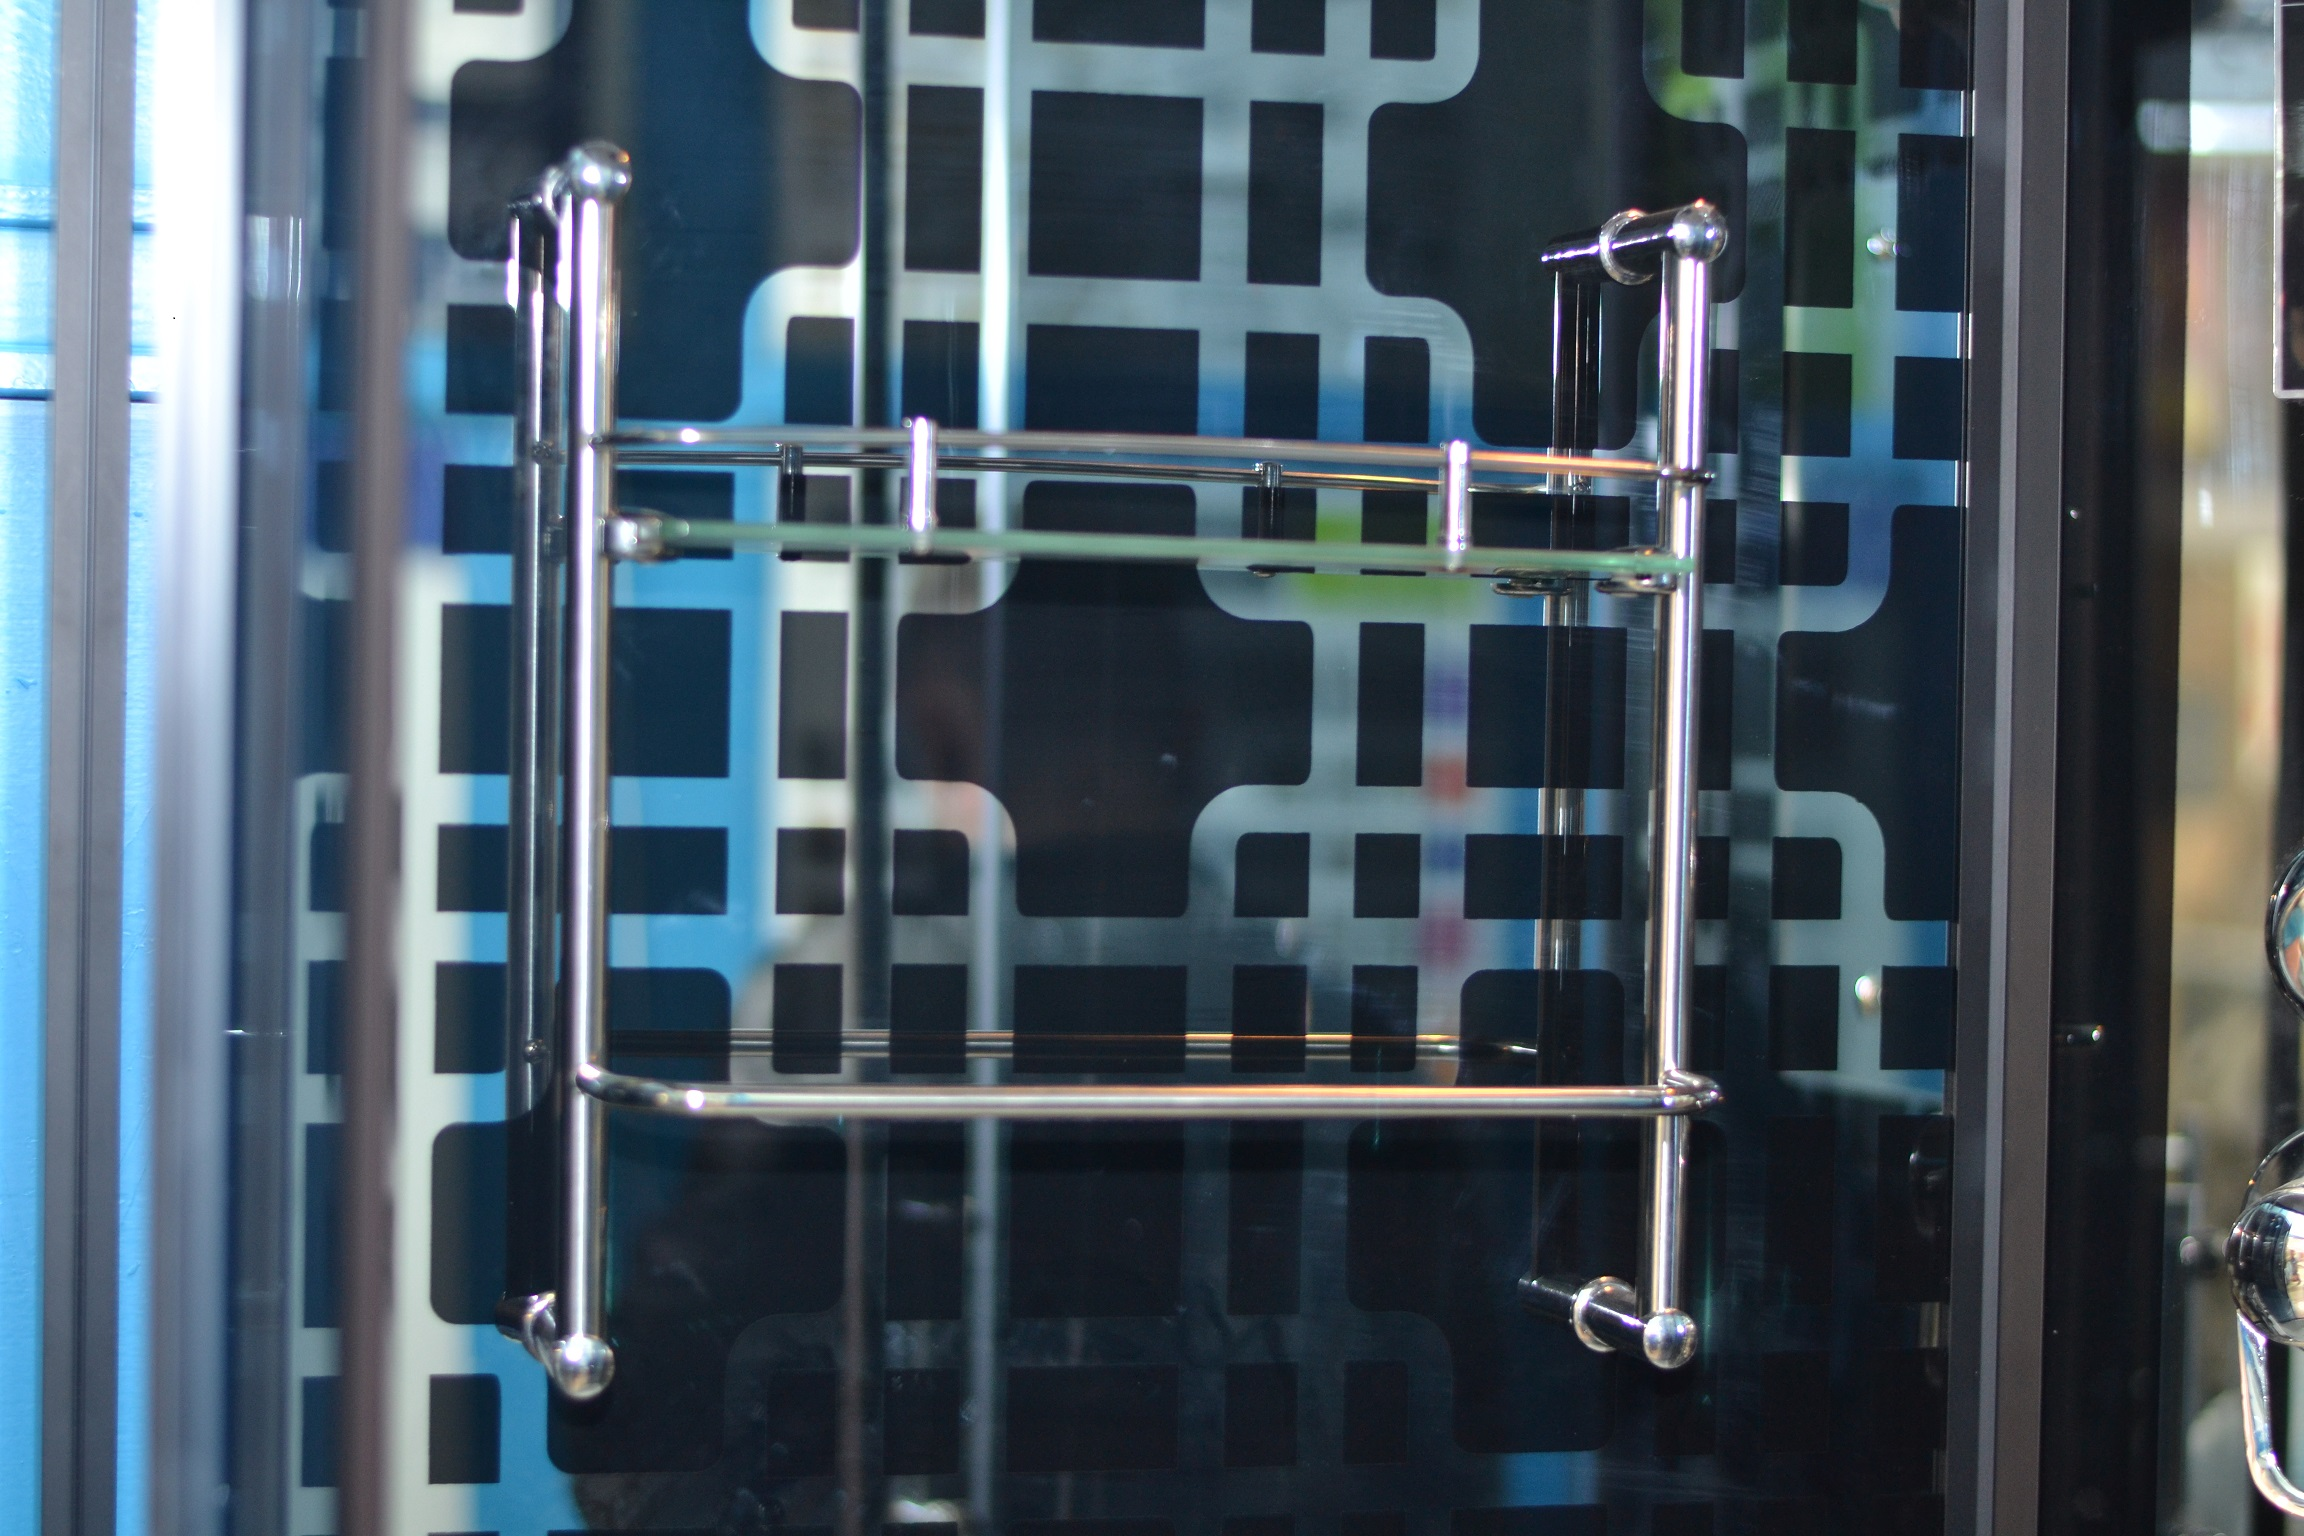 Узорчатое оформление стен душевой кабины Градо